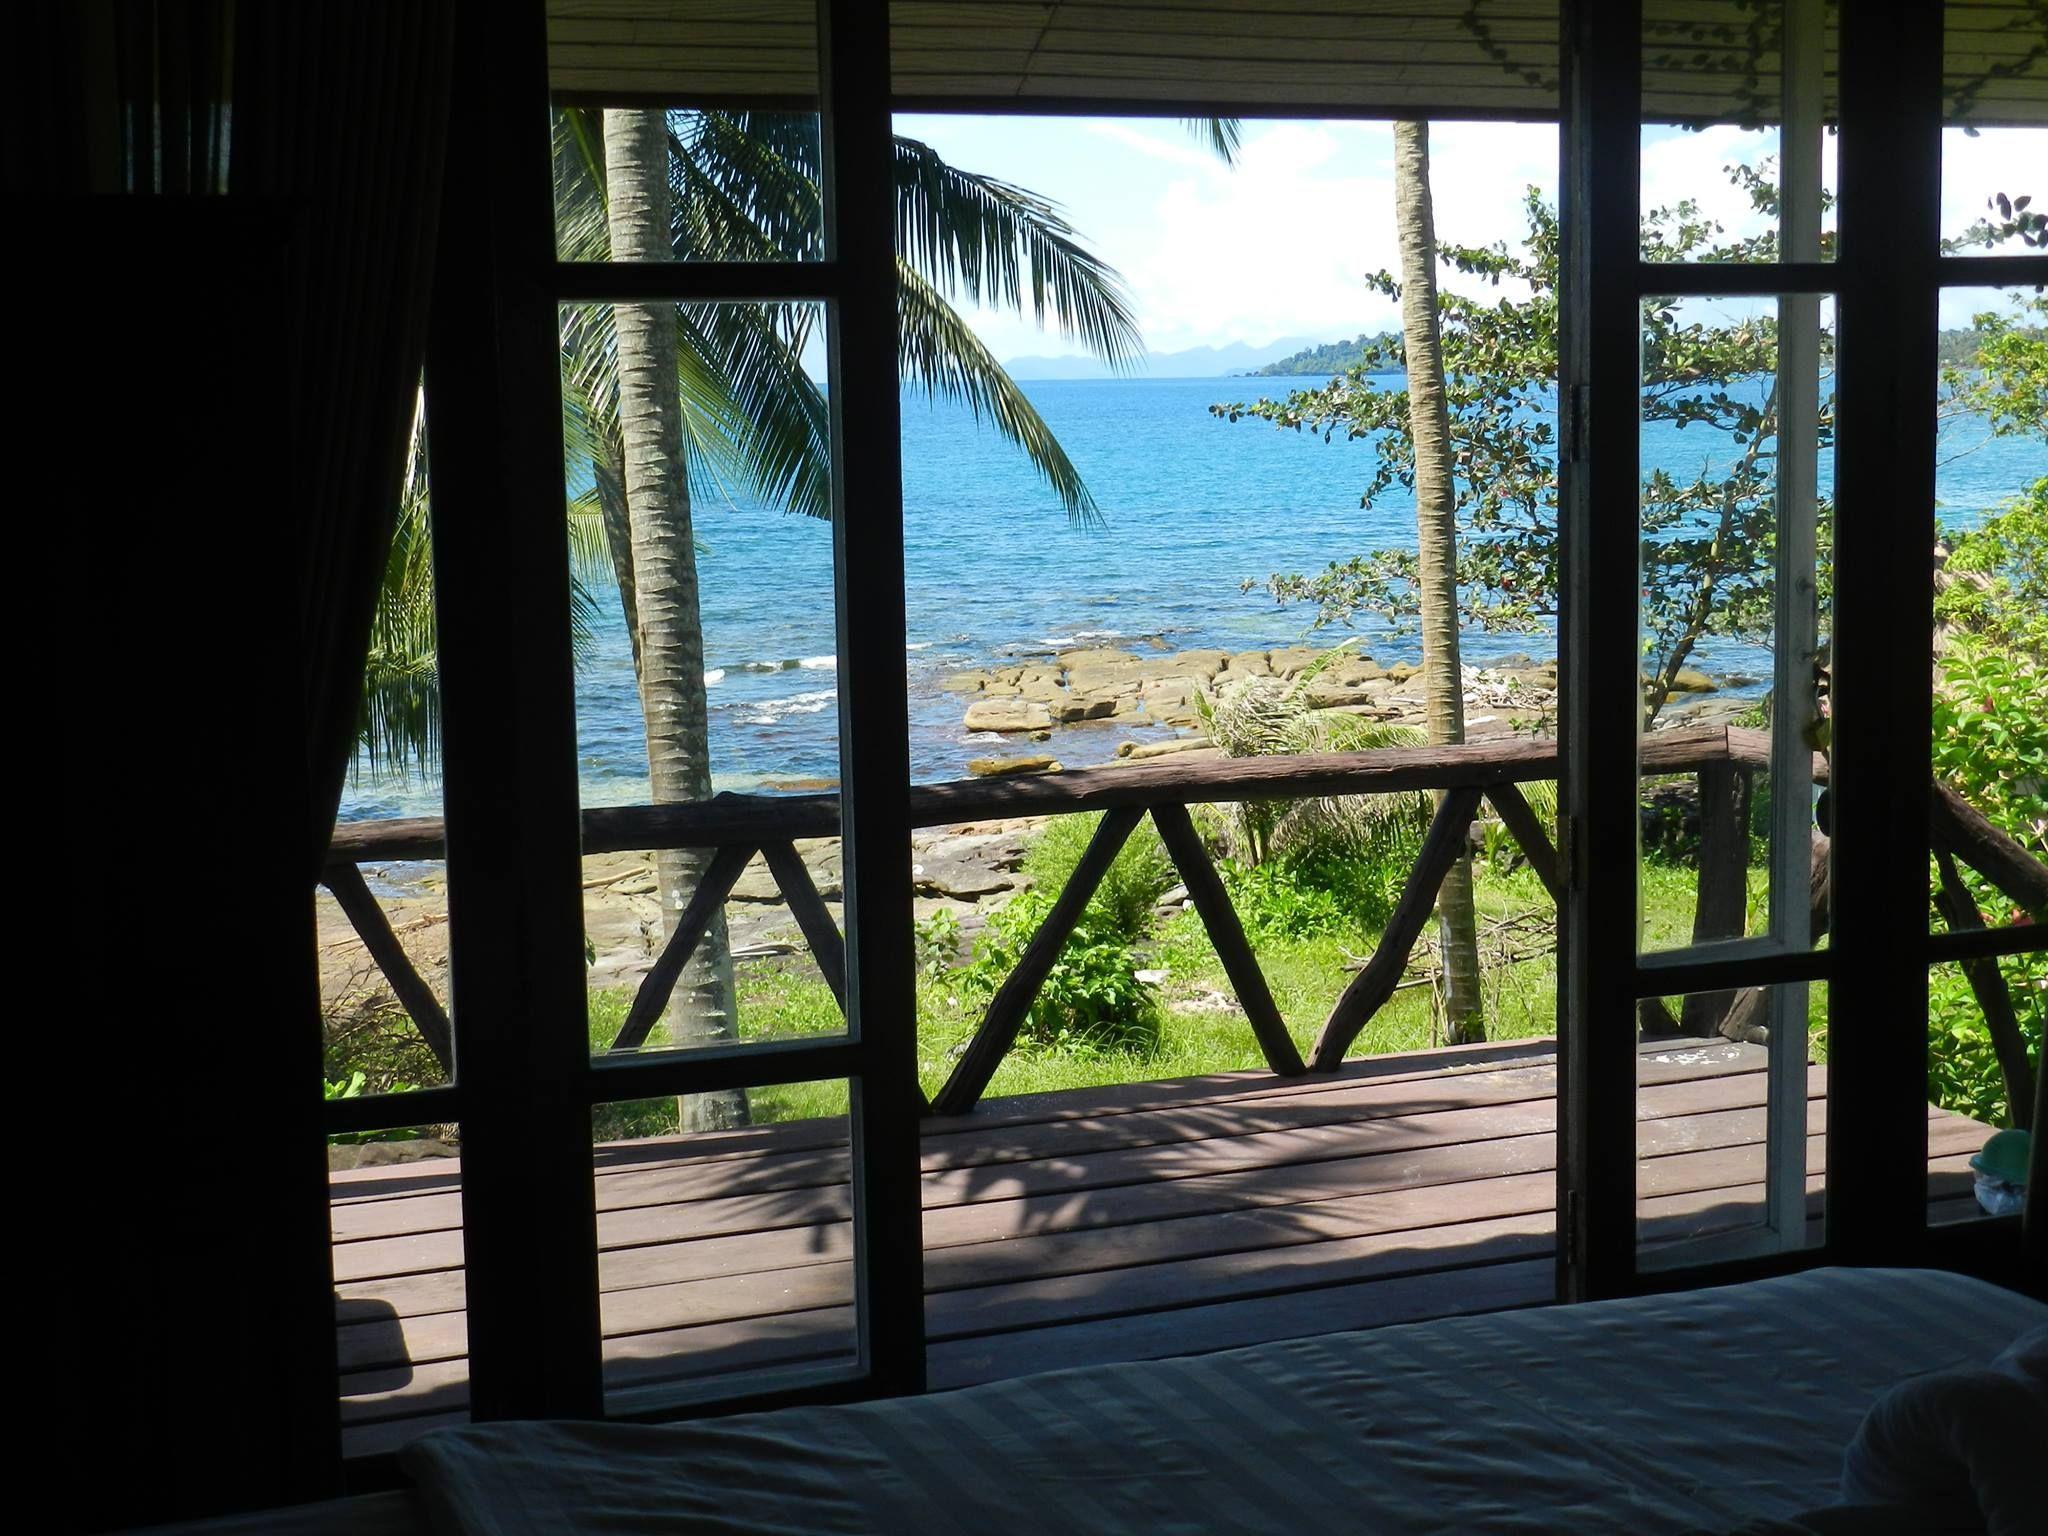 Horizon Resort Koh Kood ฮอริซั่น รีสอร์ท เกาะกูด